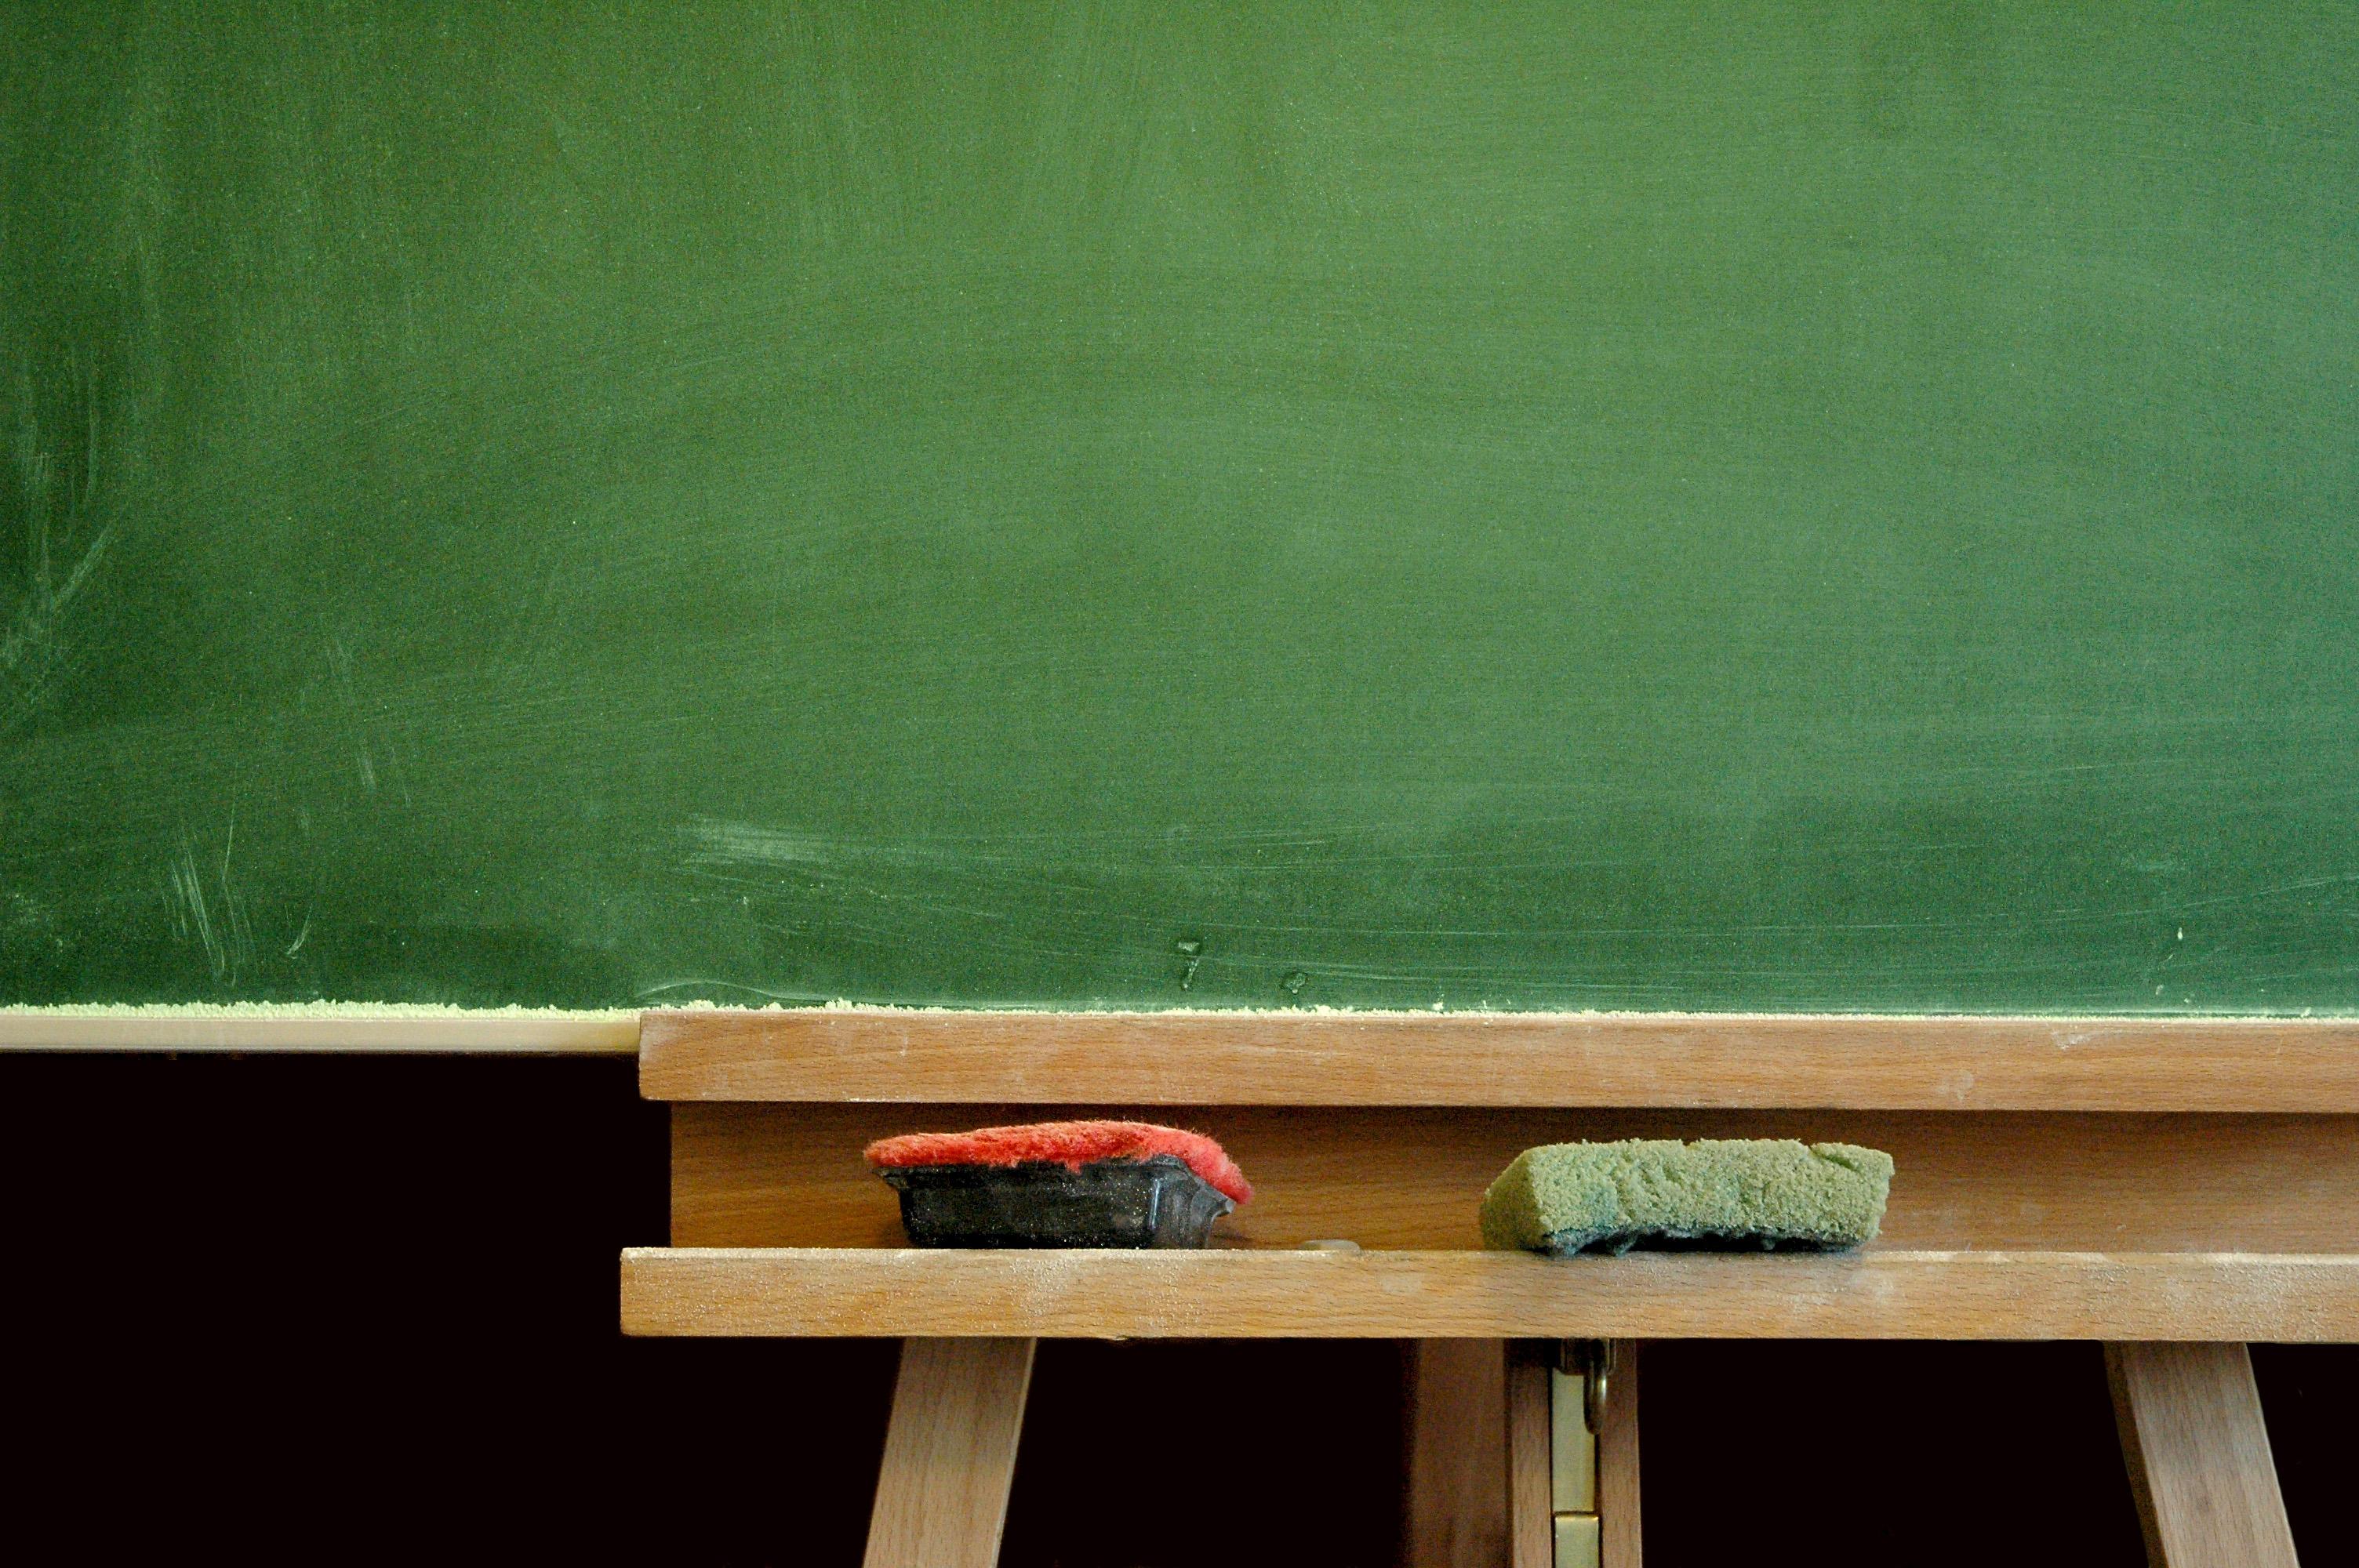 Scuola italiana: equità al ribasso?